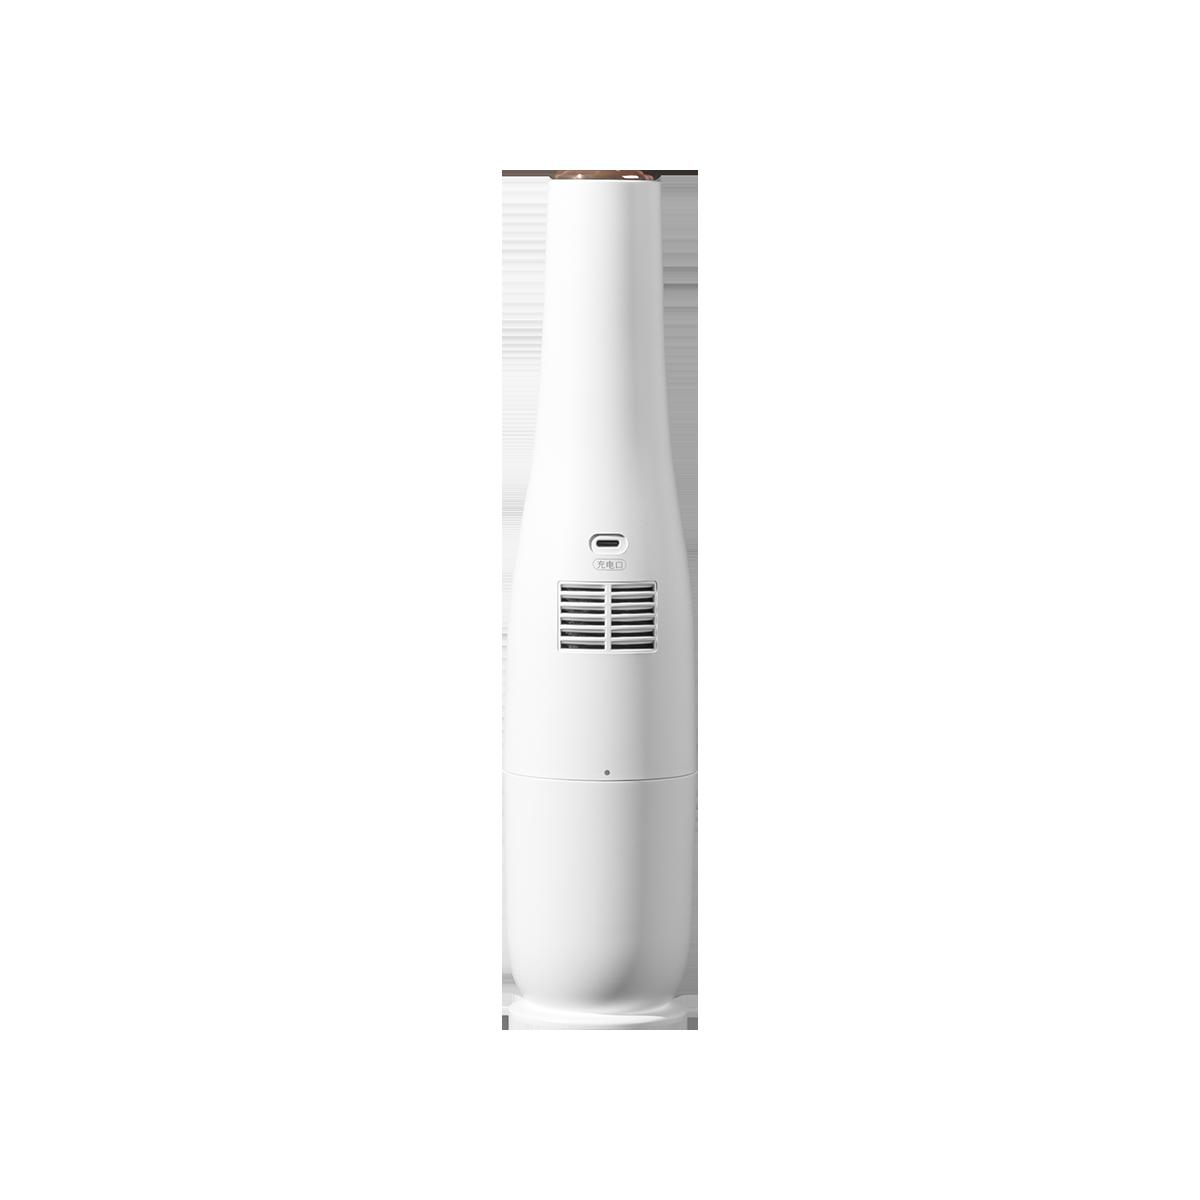 Midea/美的 HDC30吸尘器 说明书.pdf